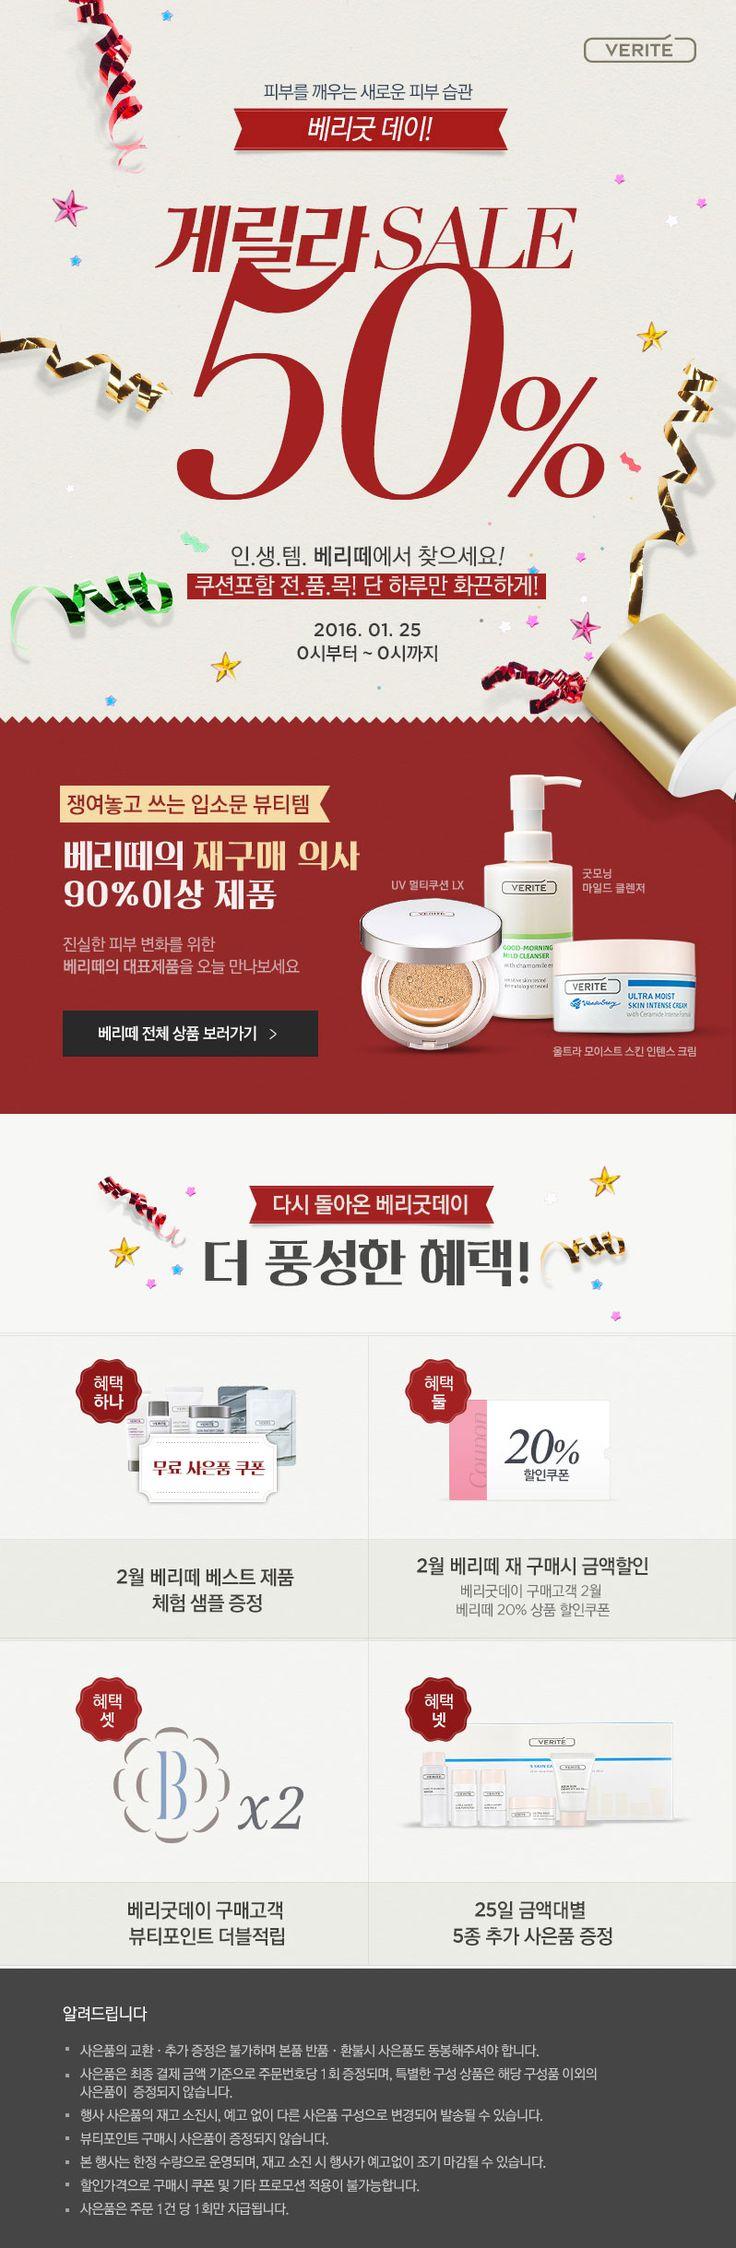 베리굿데이 게릴라 sale 50% – 아모레퍼시픽 쇼핑몰